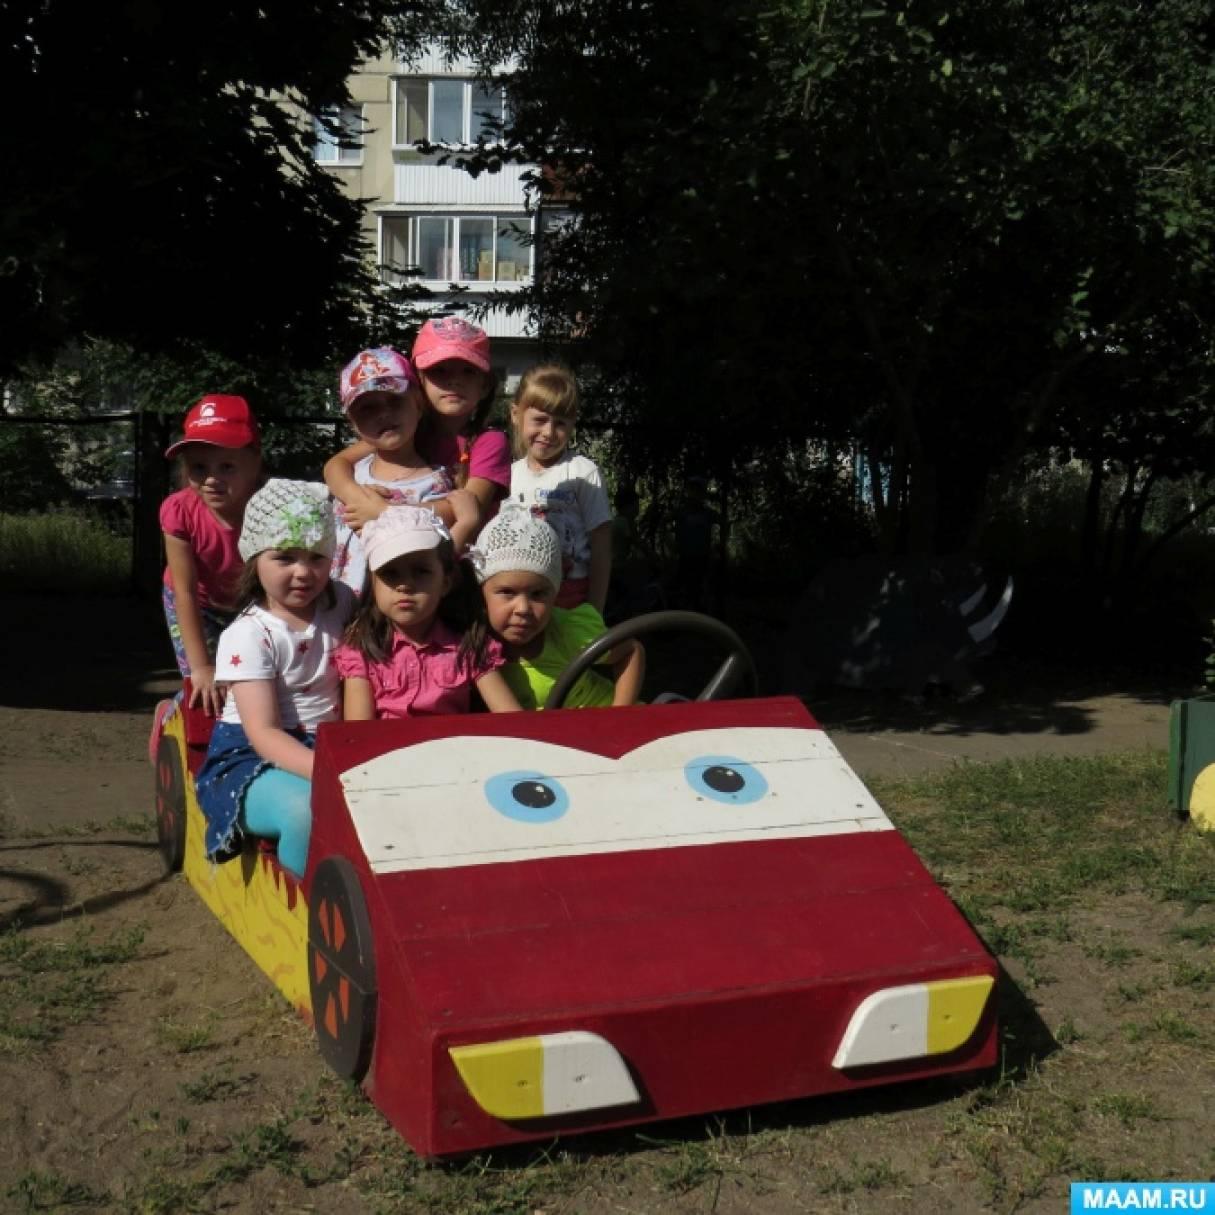 Сафари-парк на участке детского сада